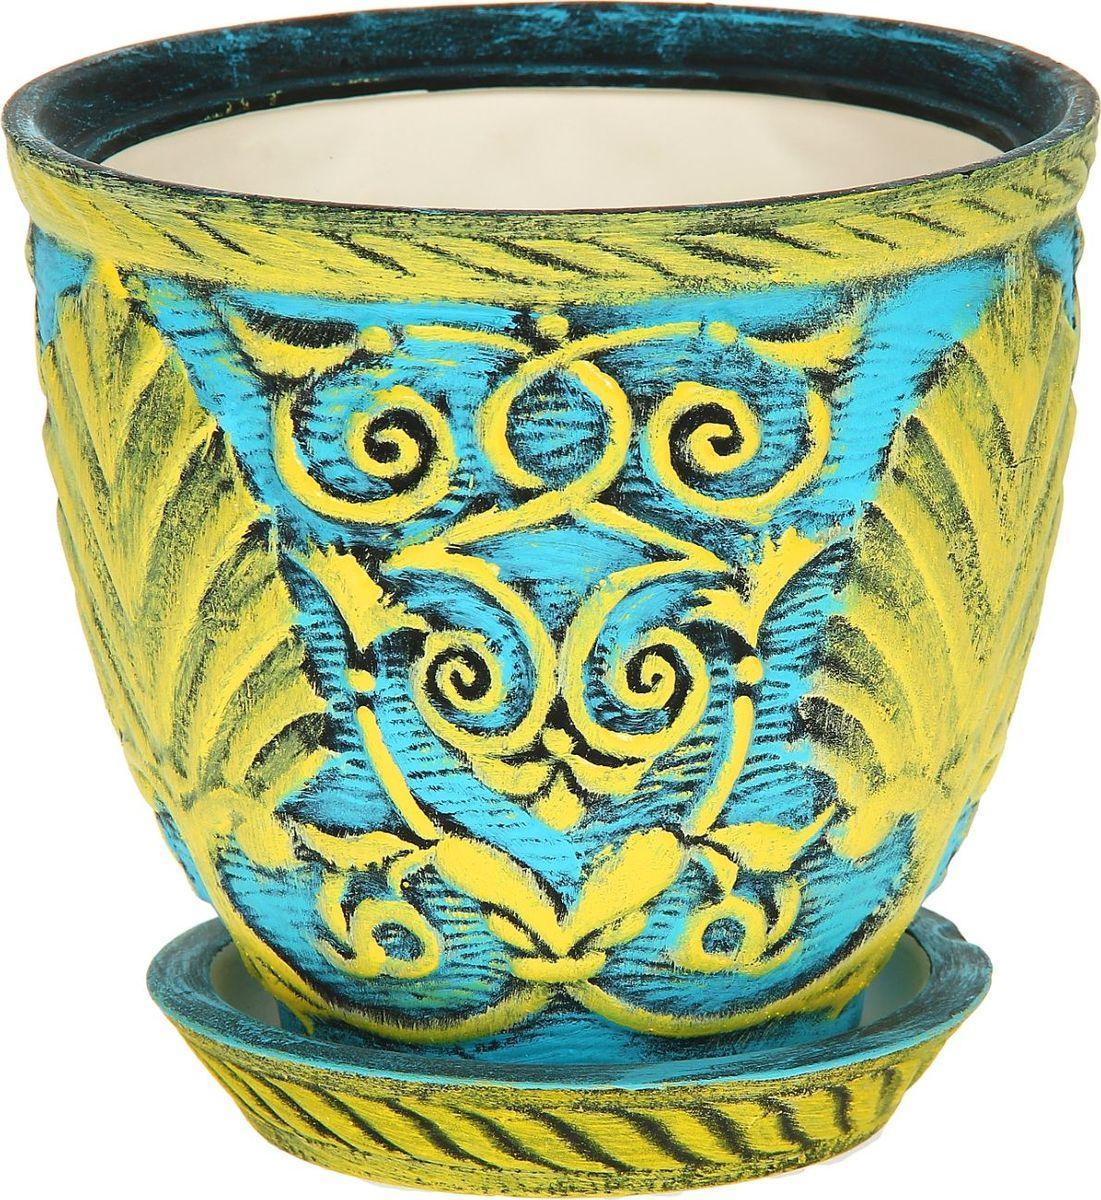 Кашпо Керамика ручной работы Славянское, цвет: желтый, голубой, 2,6 л1114319Комнатные растения — всеобщие любимцы. Они радуют глаз, насыщают помещение кислородом и украшают пространство. Каждому из них необходим свой удобный и красивый дом. Кашпо из керамики прекрасно подходят для высадки растений: за счёт пластичности глины и разных способов обработки существует великое множество форм и дизайновпористый материал позволяет испаряться лишней влагевоздух, необходимый для дыхания корней, проникает сквозь керамические стенки! #name# позаботится о зелёном питомце, освежит интерьер и подчеркнёт его стиль.